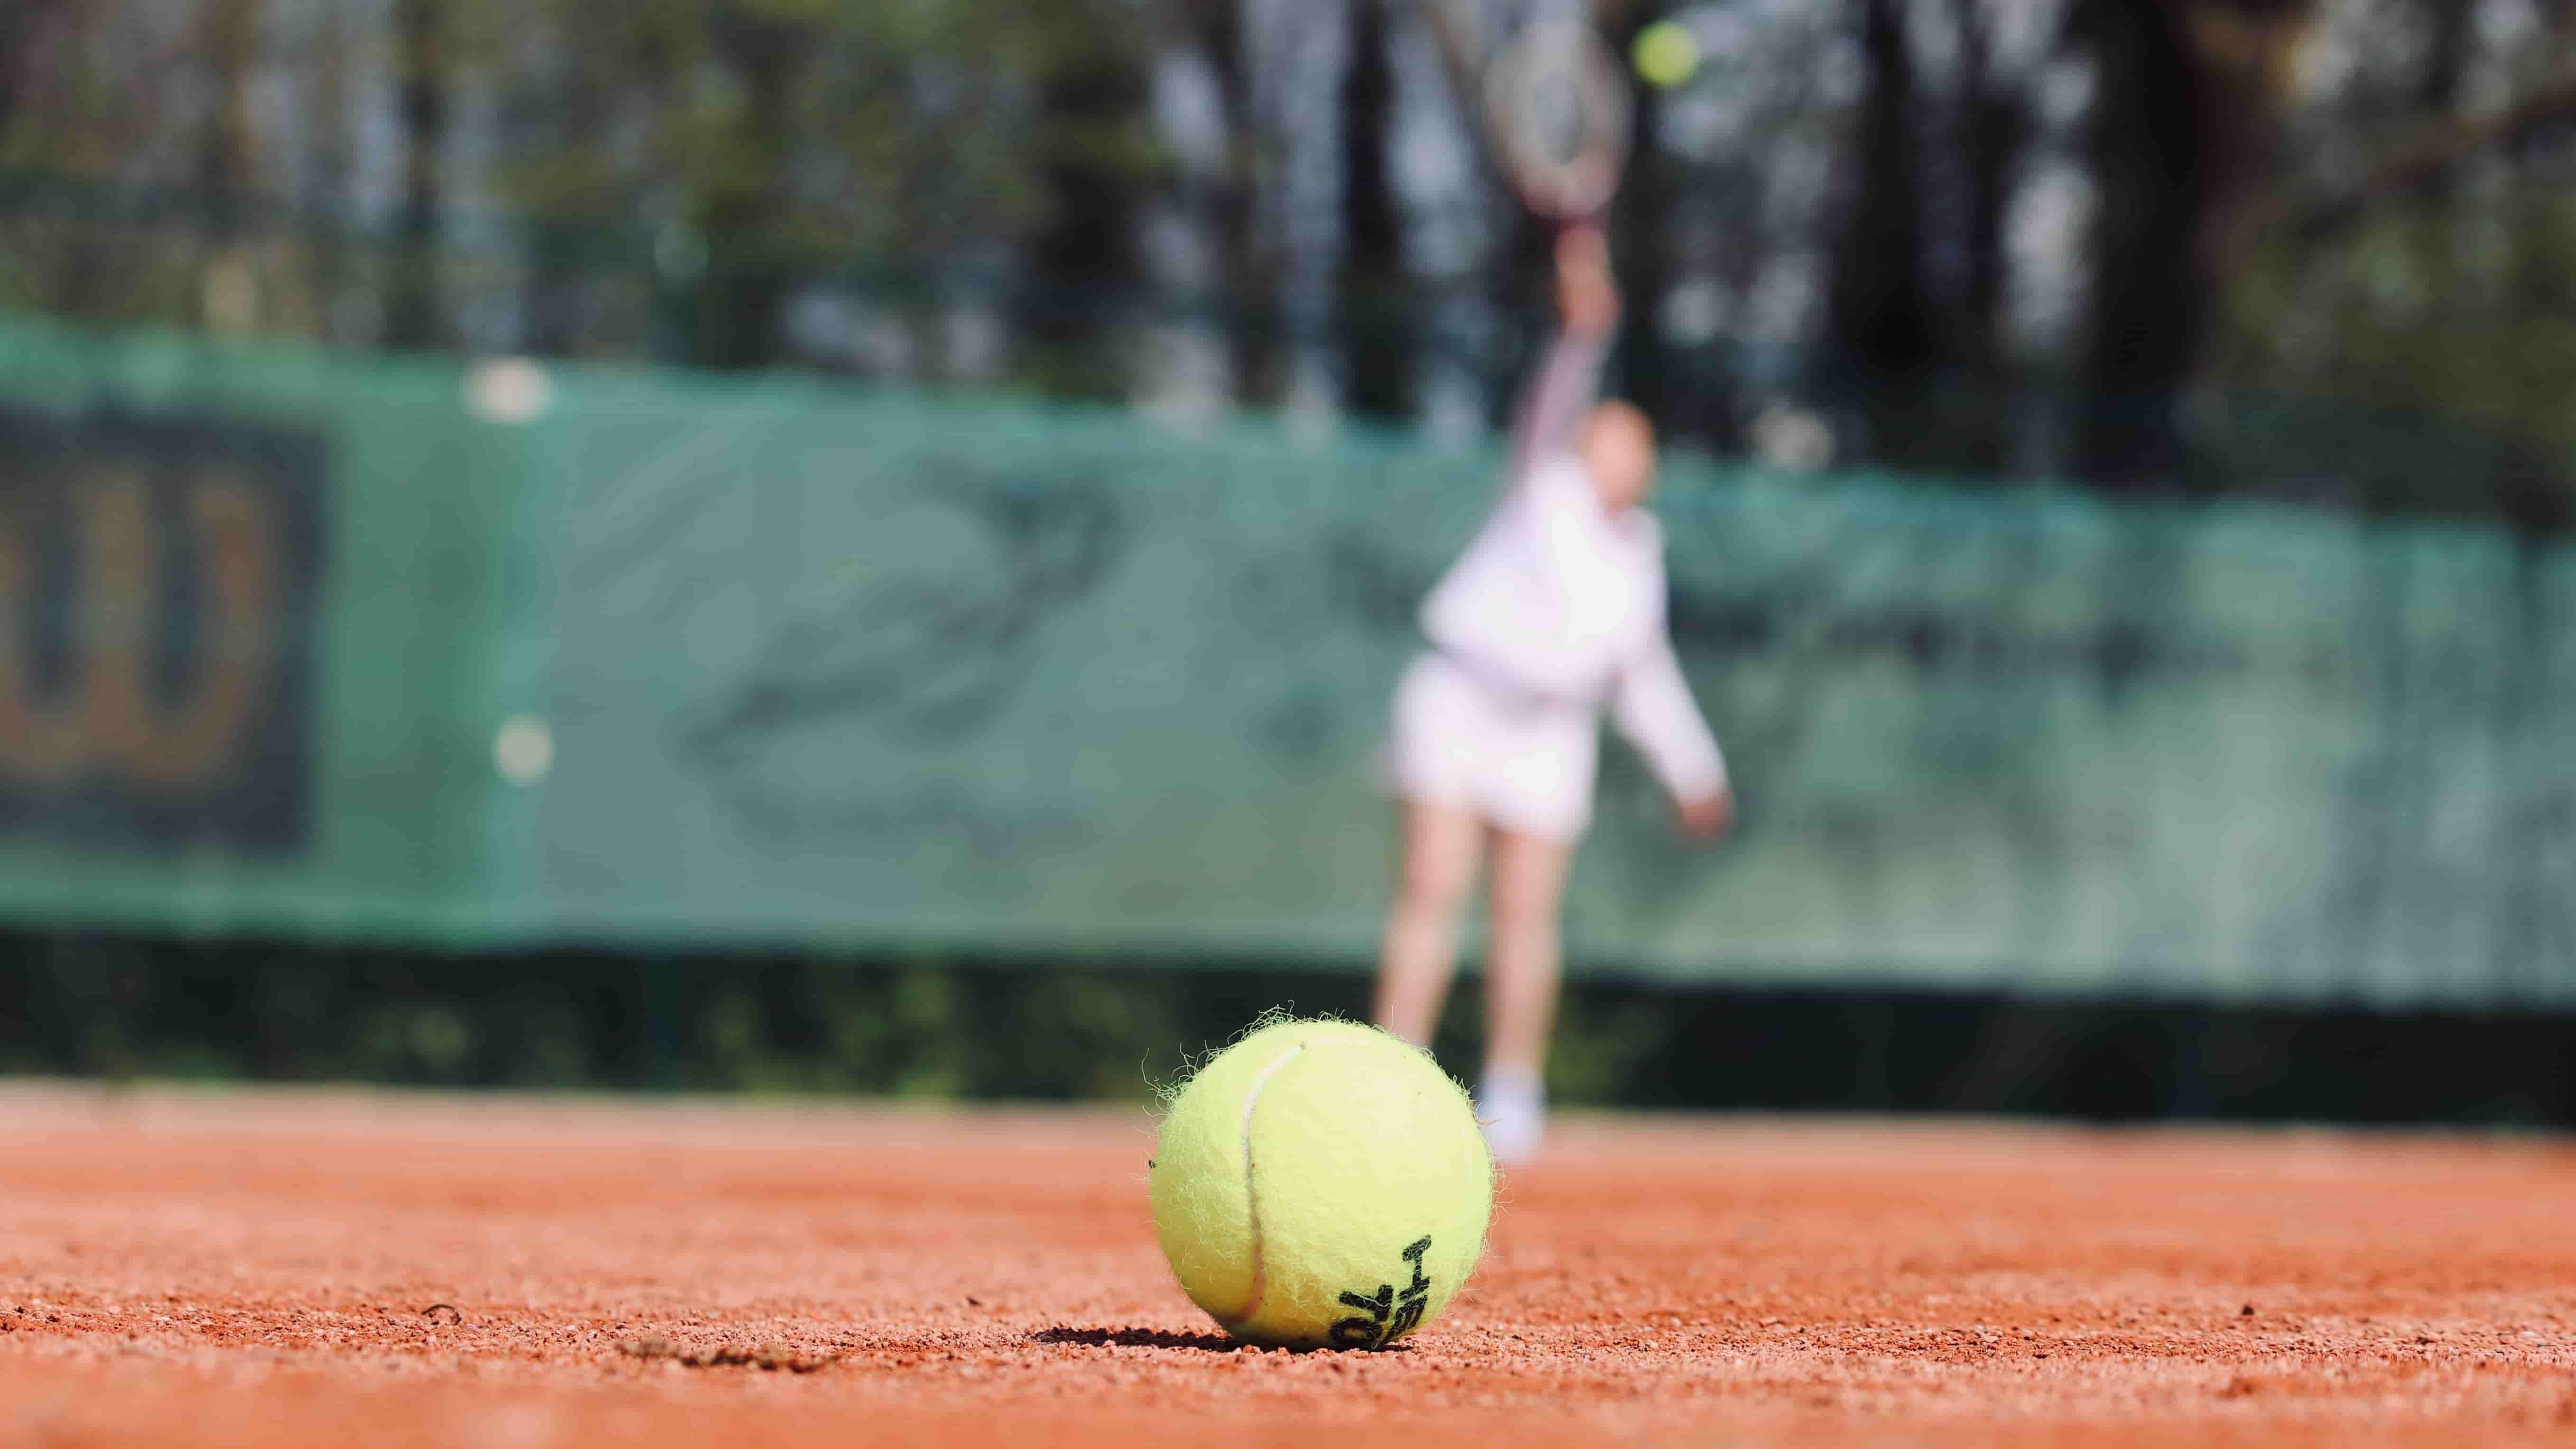 Comment faire un coup droit au tennis ?